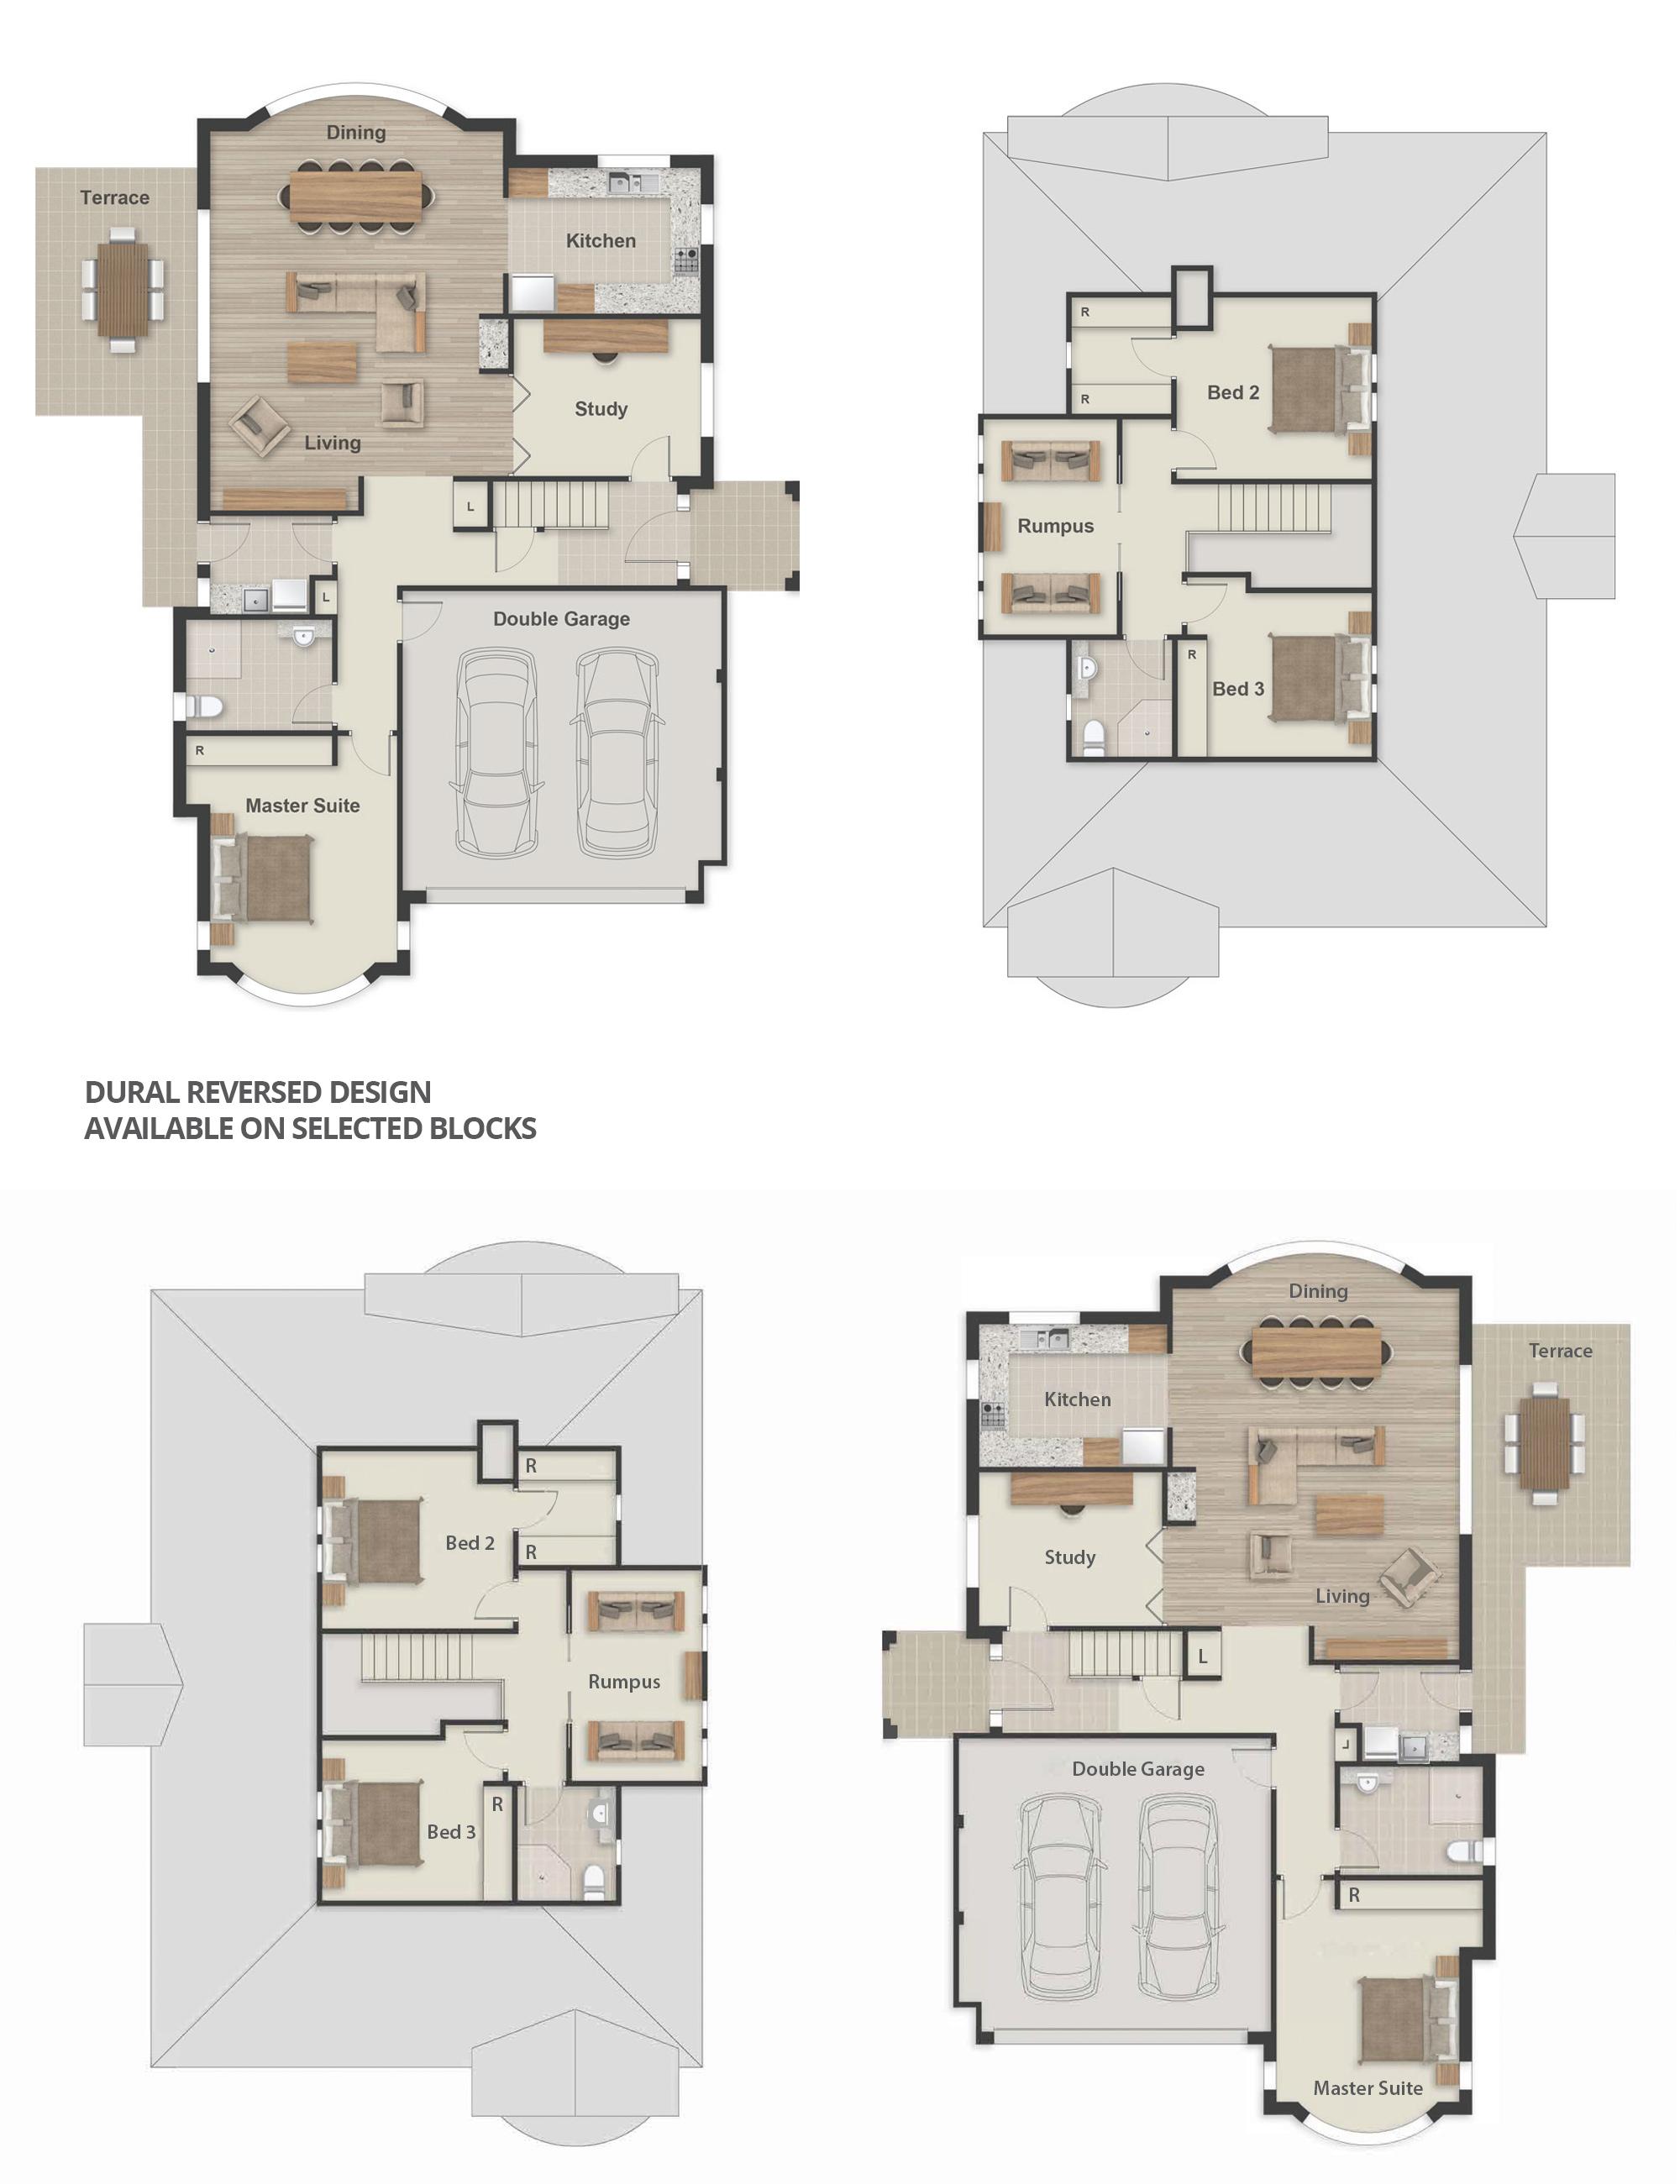 Dural Floorplan